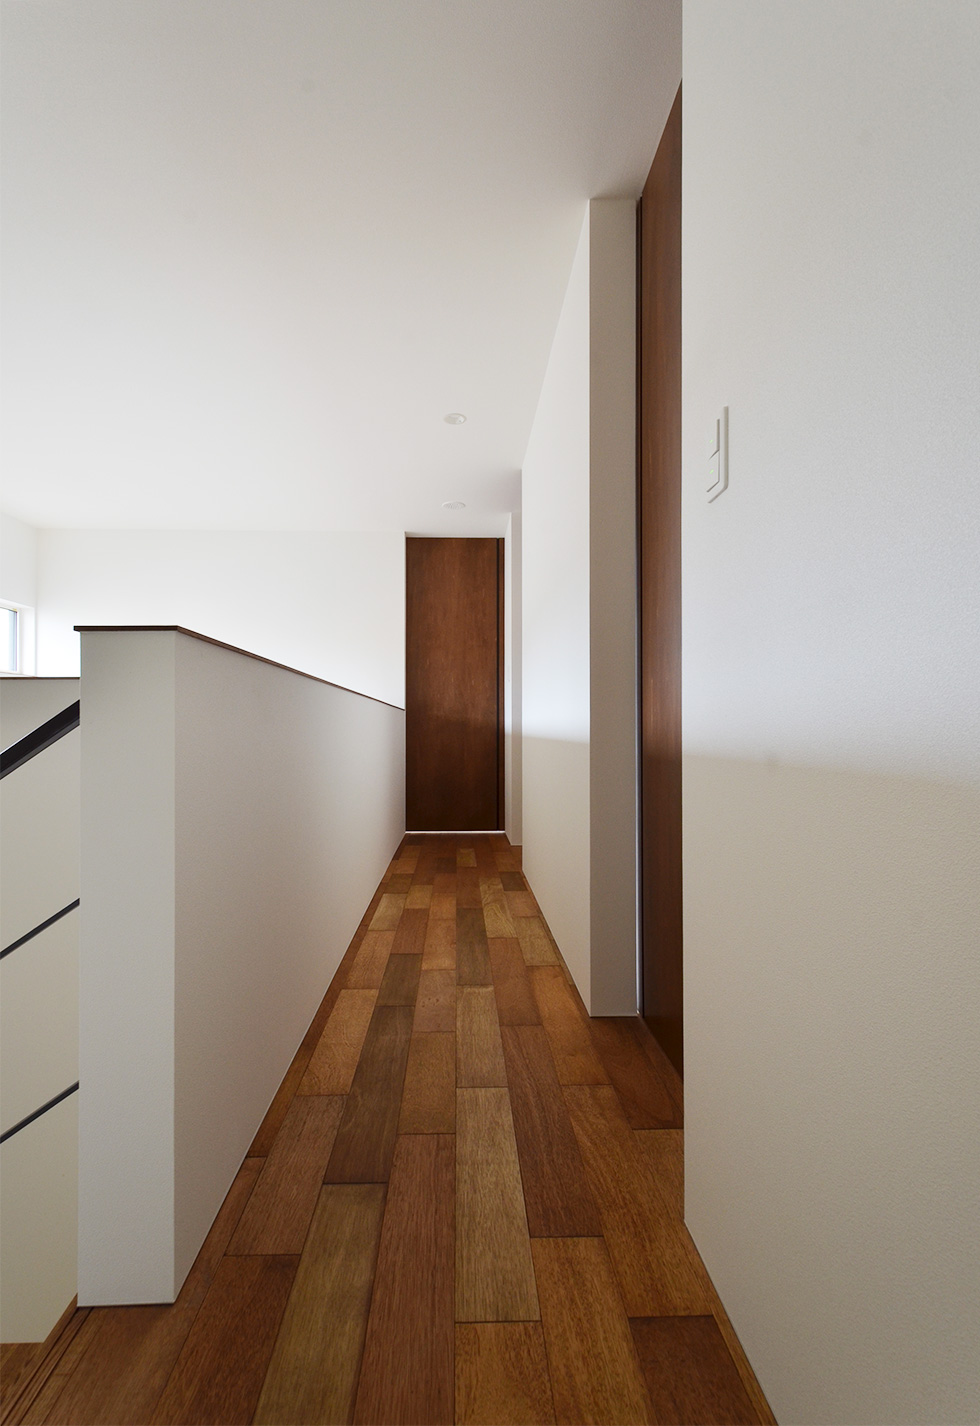 ラワン合板の床